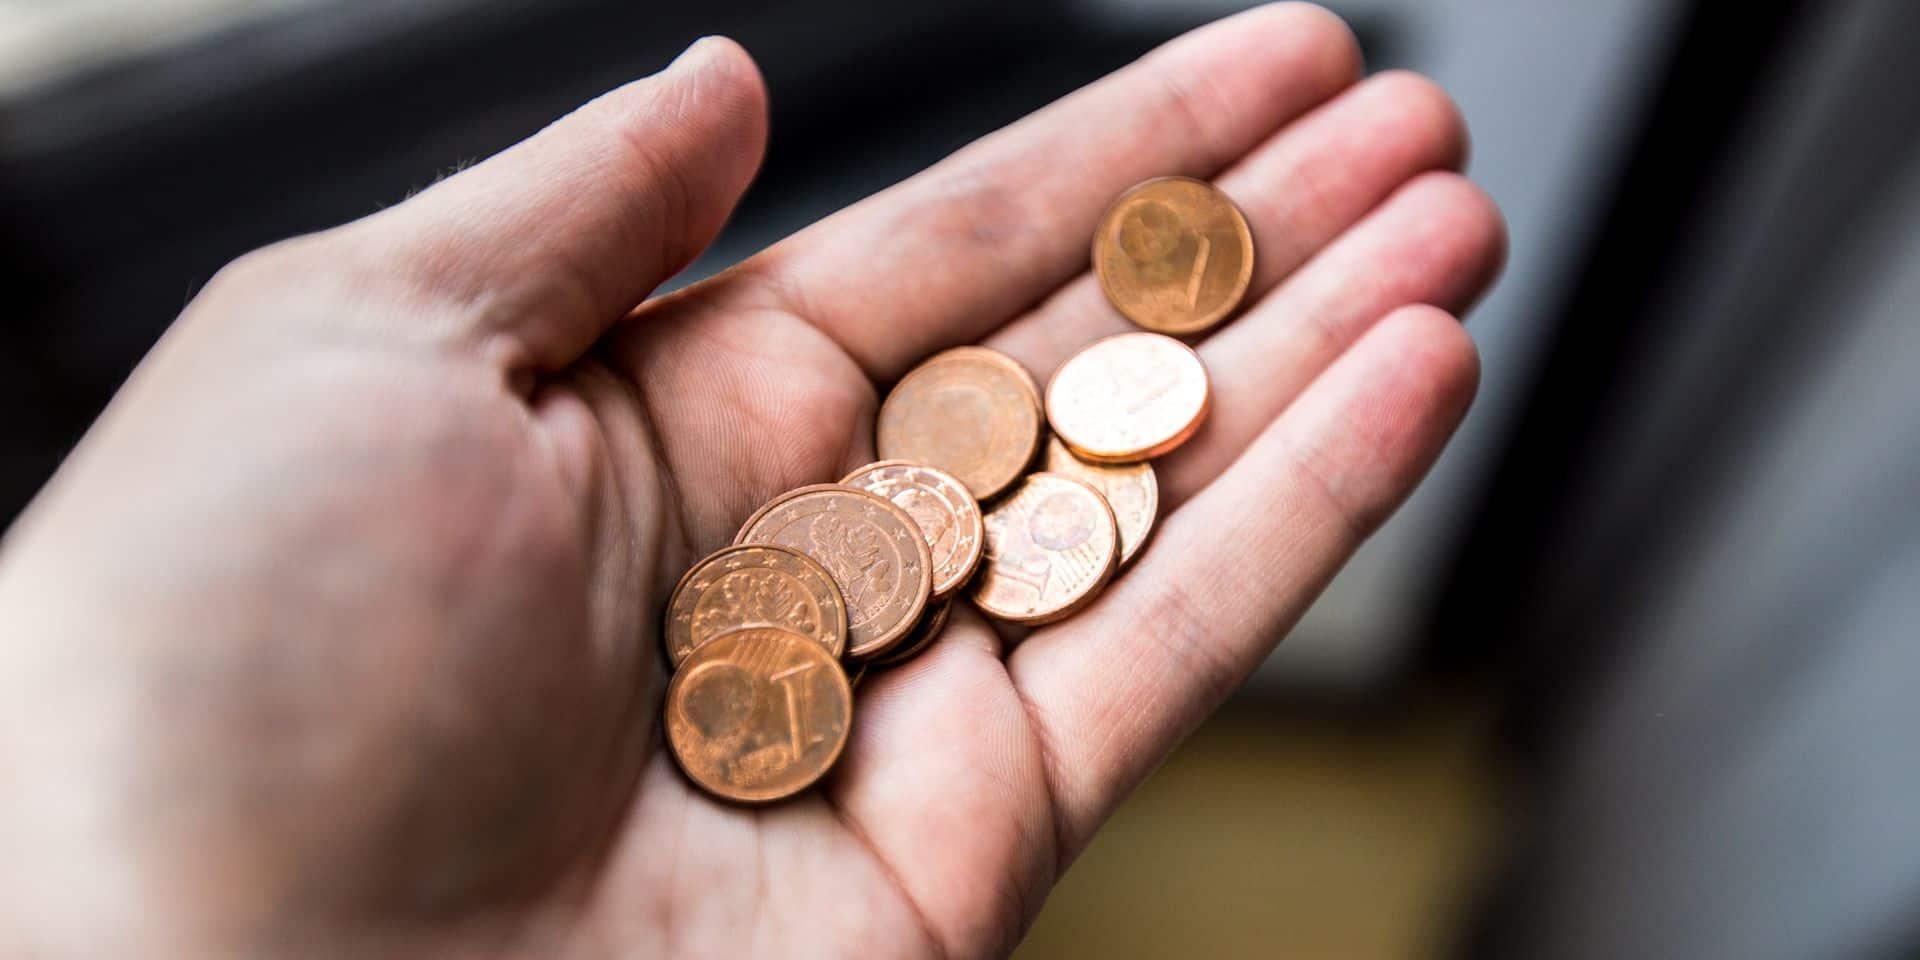 Fini d'amasser des pièces de 1 et 2 centimes, l'arrondi à 5 centimes va devenir obligatoire: le consommateur est-il gagnant ou perdant?